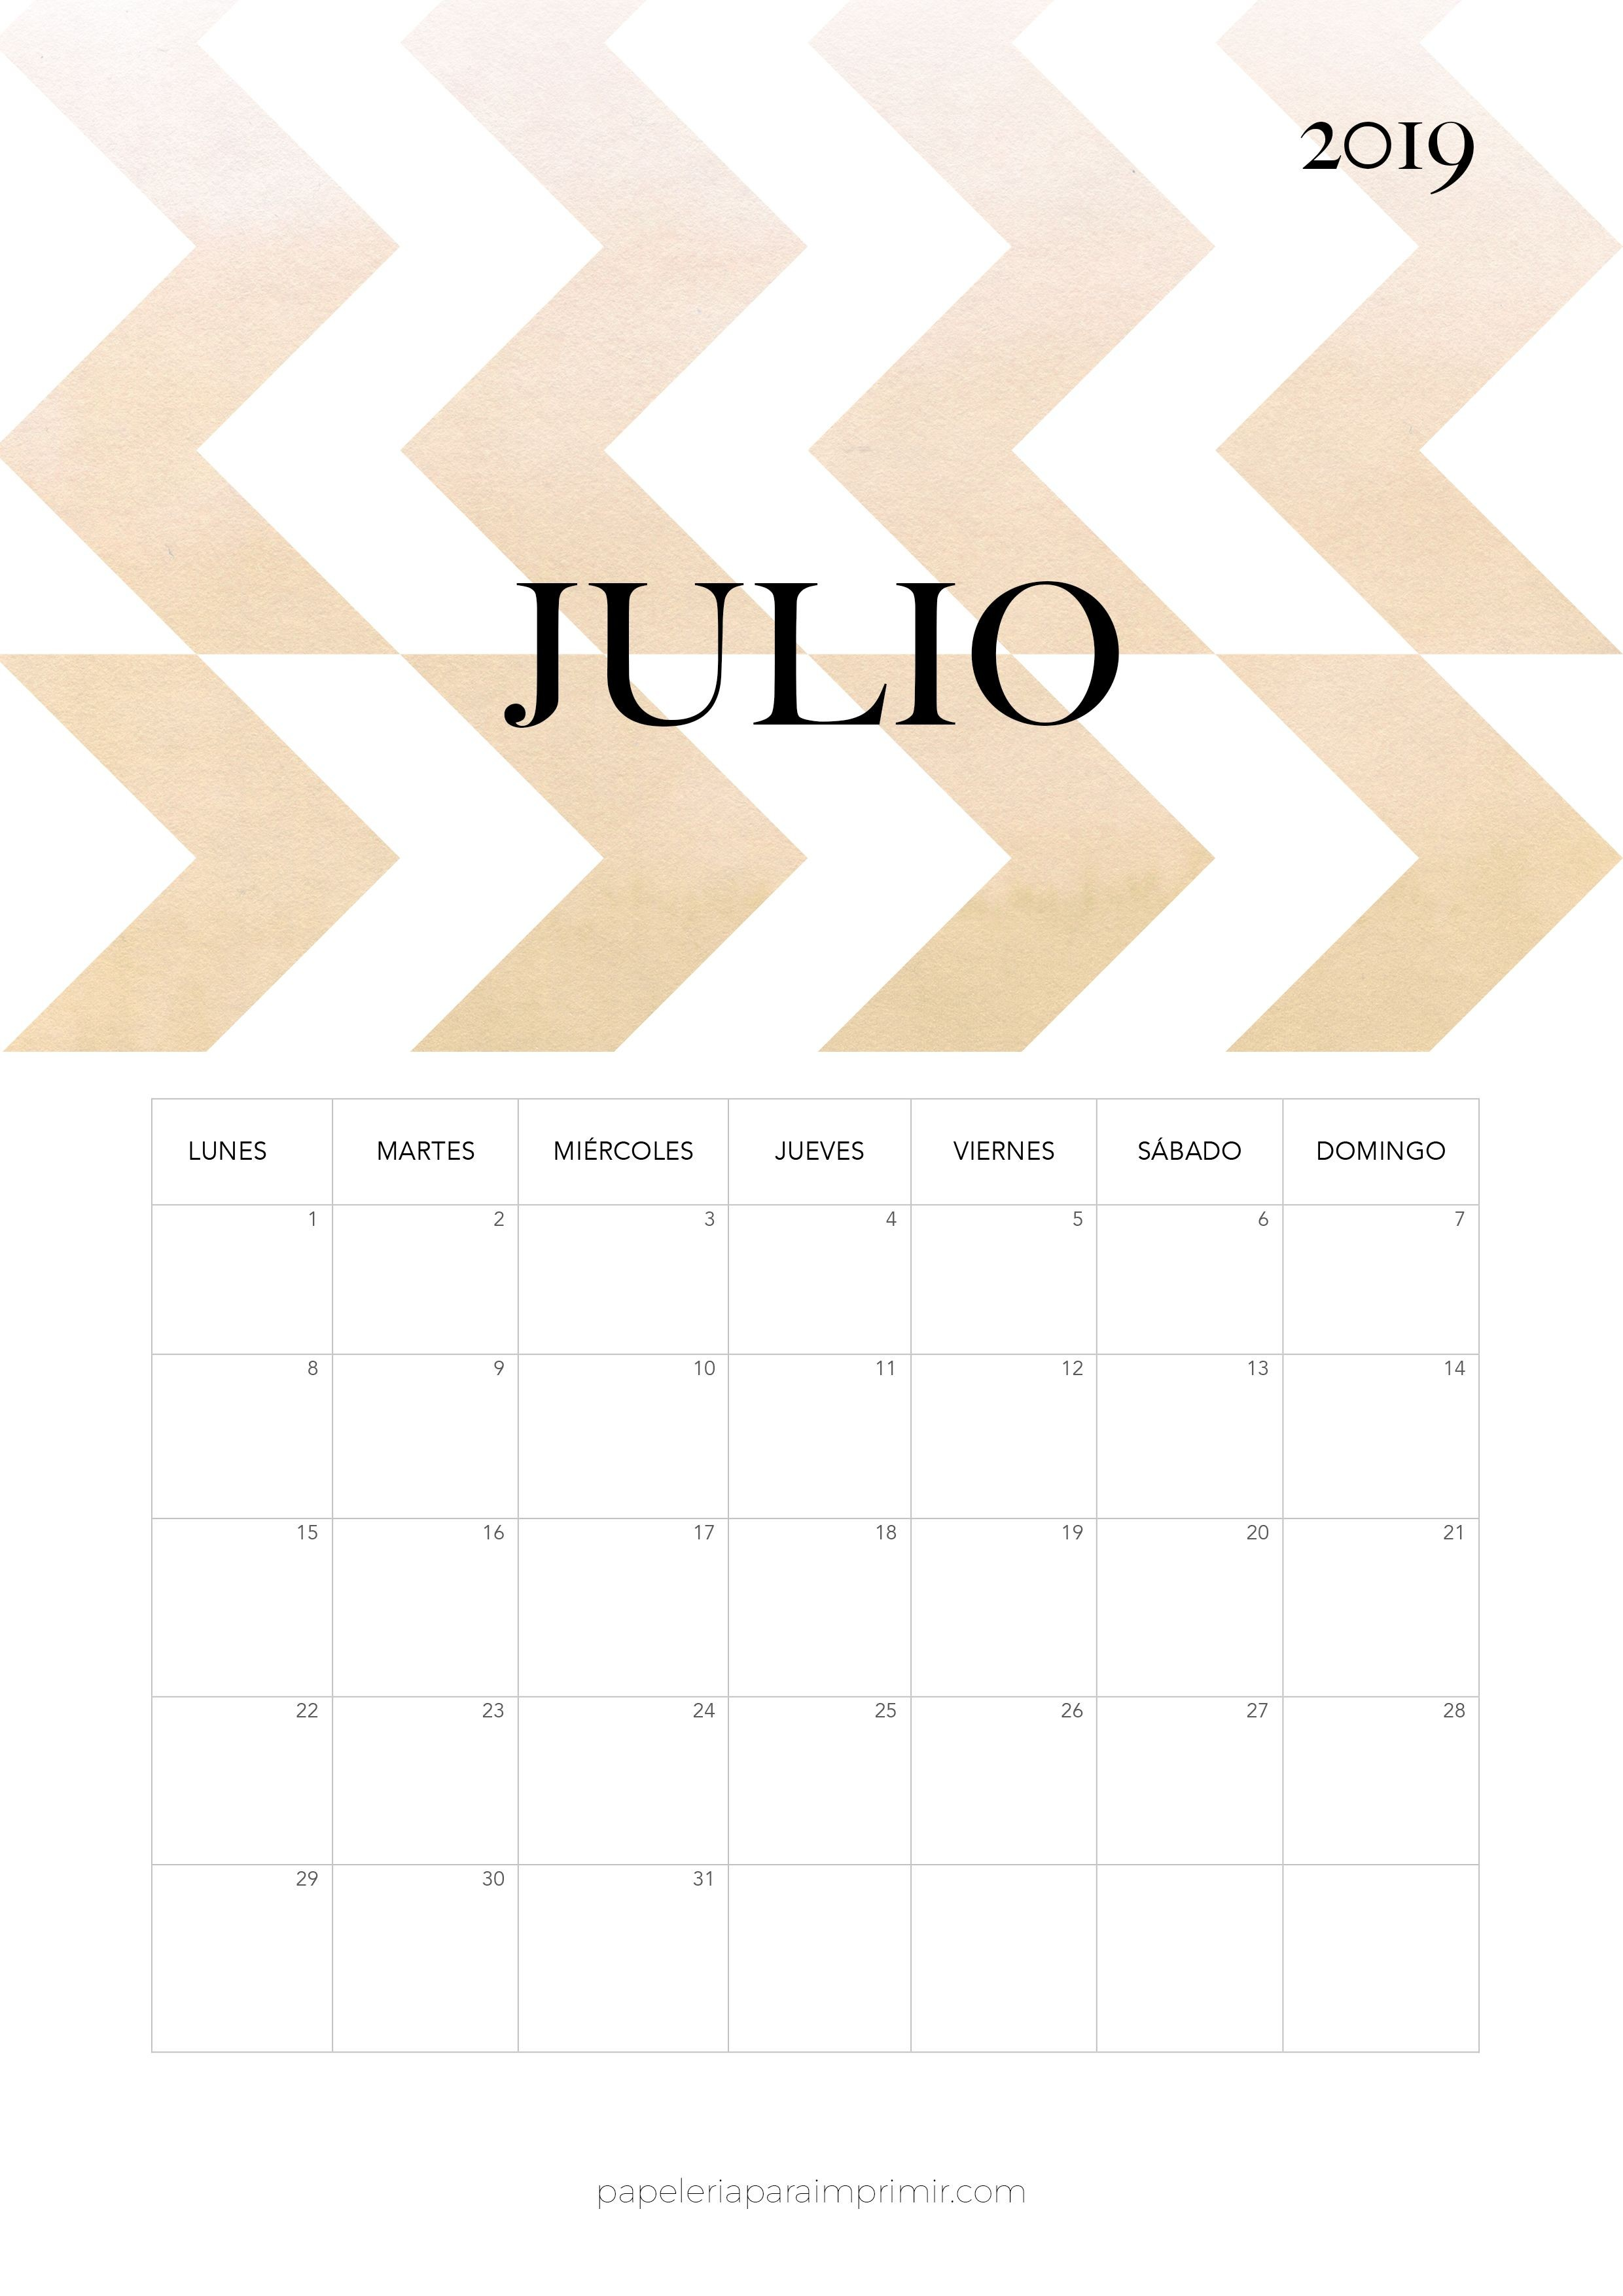 Calendario Completo 2018 Y 2019 Actual Calendario 2019 Julio Calendario Mensual Moderno De Estilo Minimal Of Calendario Completo 2018 Y 2019 Mejores Y Más Novedosos Agenda 2019 Con Mandalas Para Colorear Y Consignas Para Dise±ar Tu